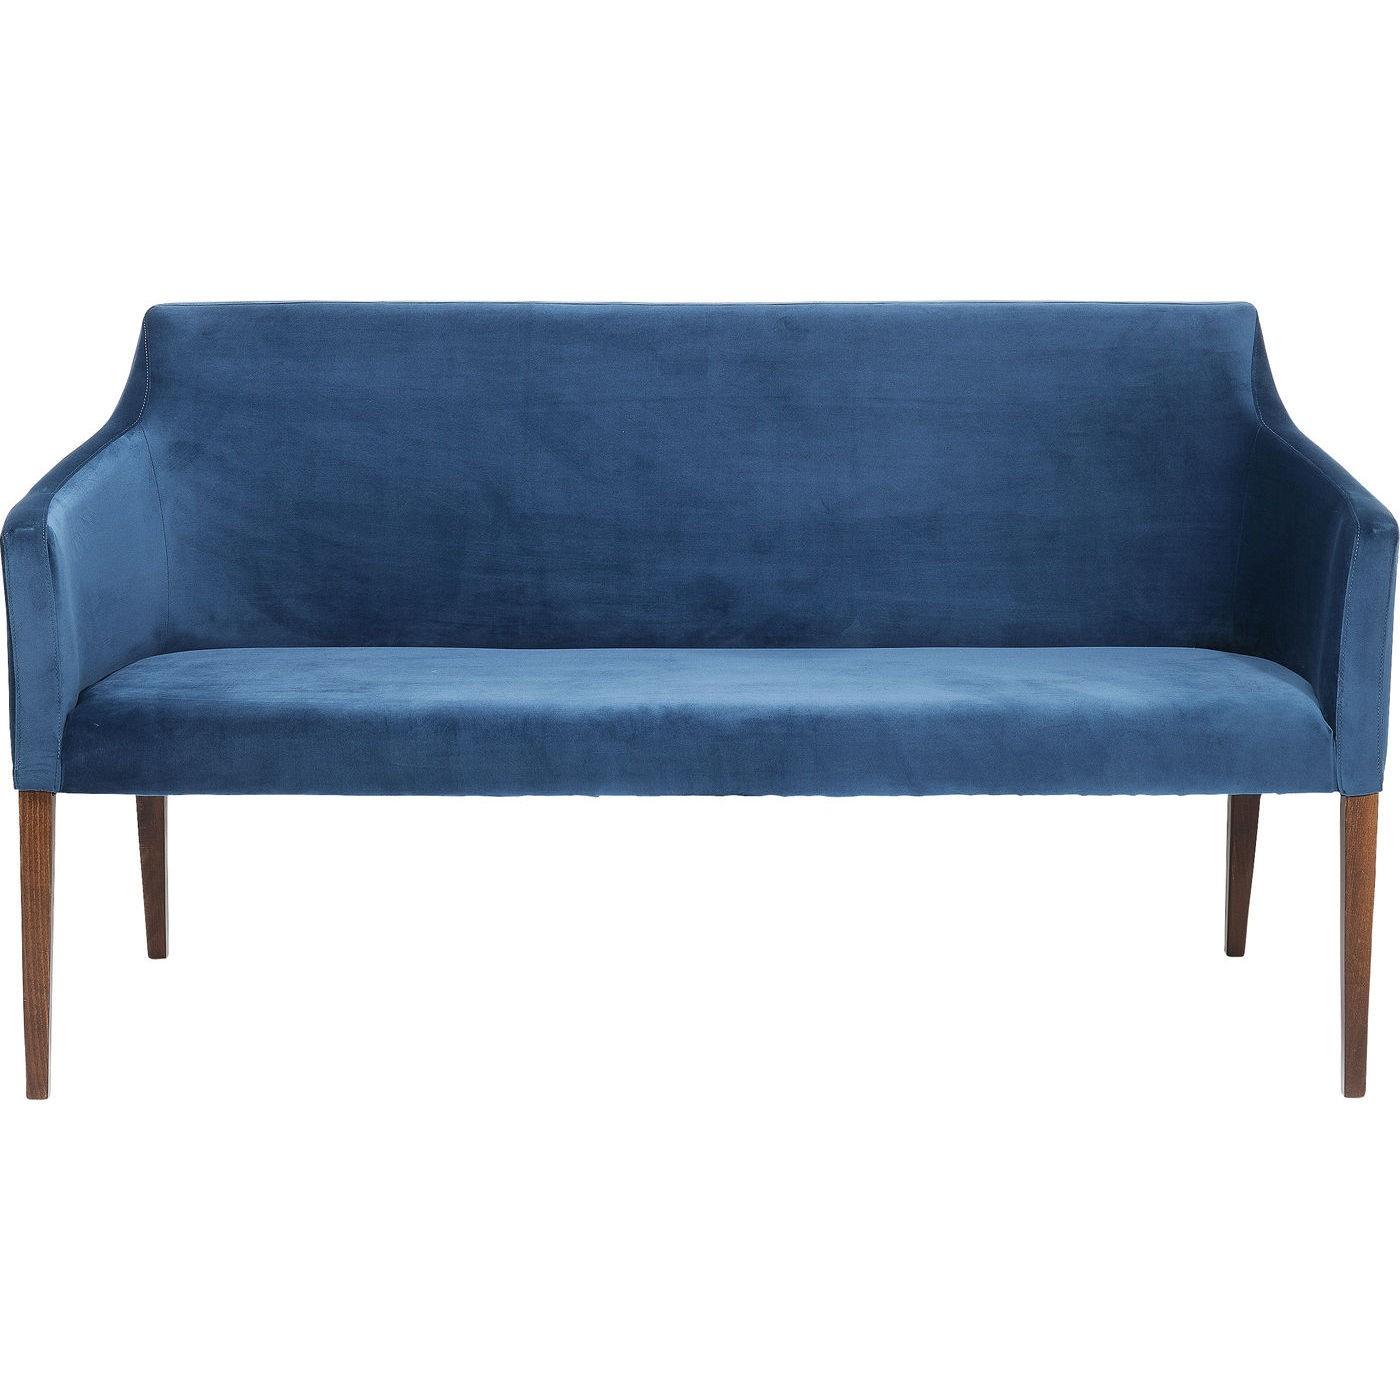 kare design – Polstret sofabænk mode velvet petrol på boboonline.dk